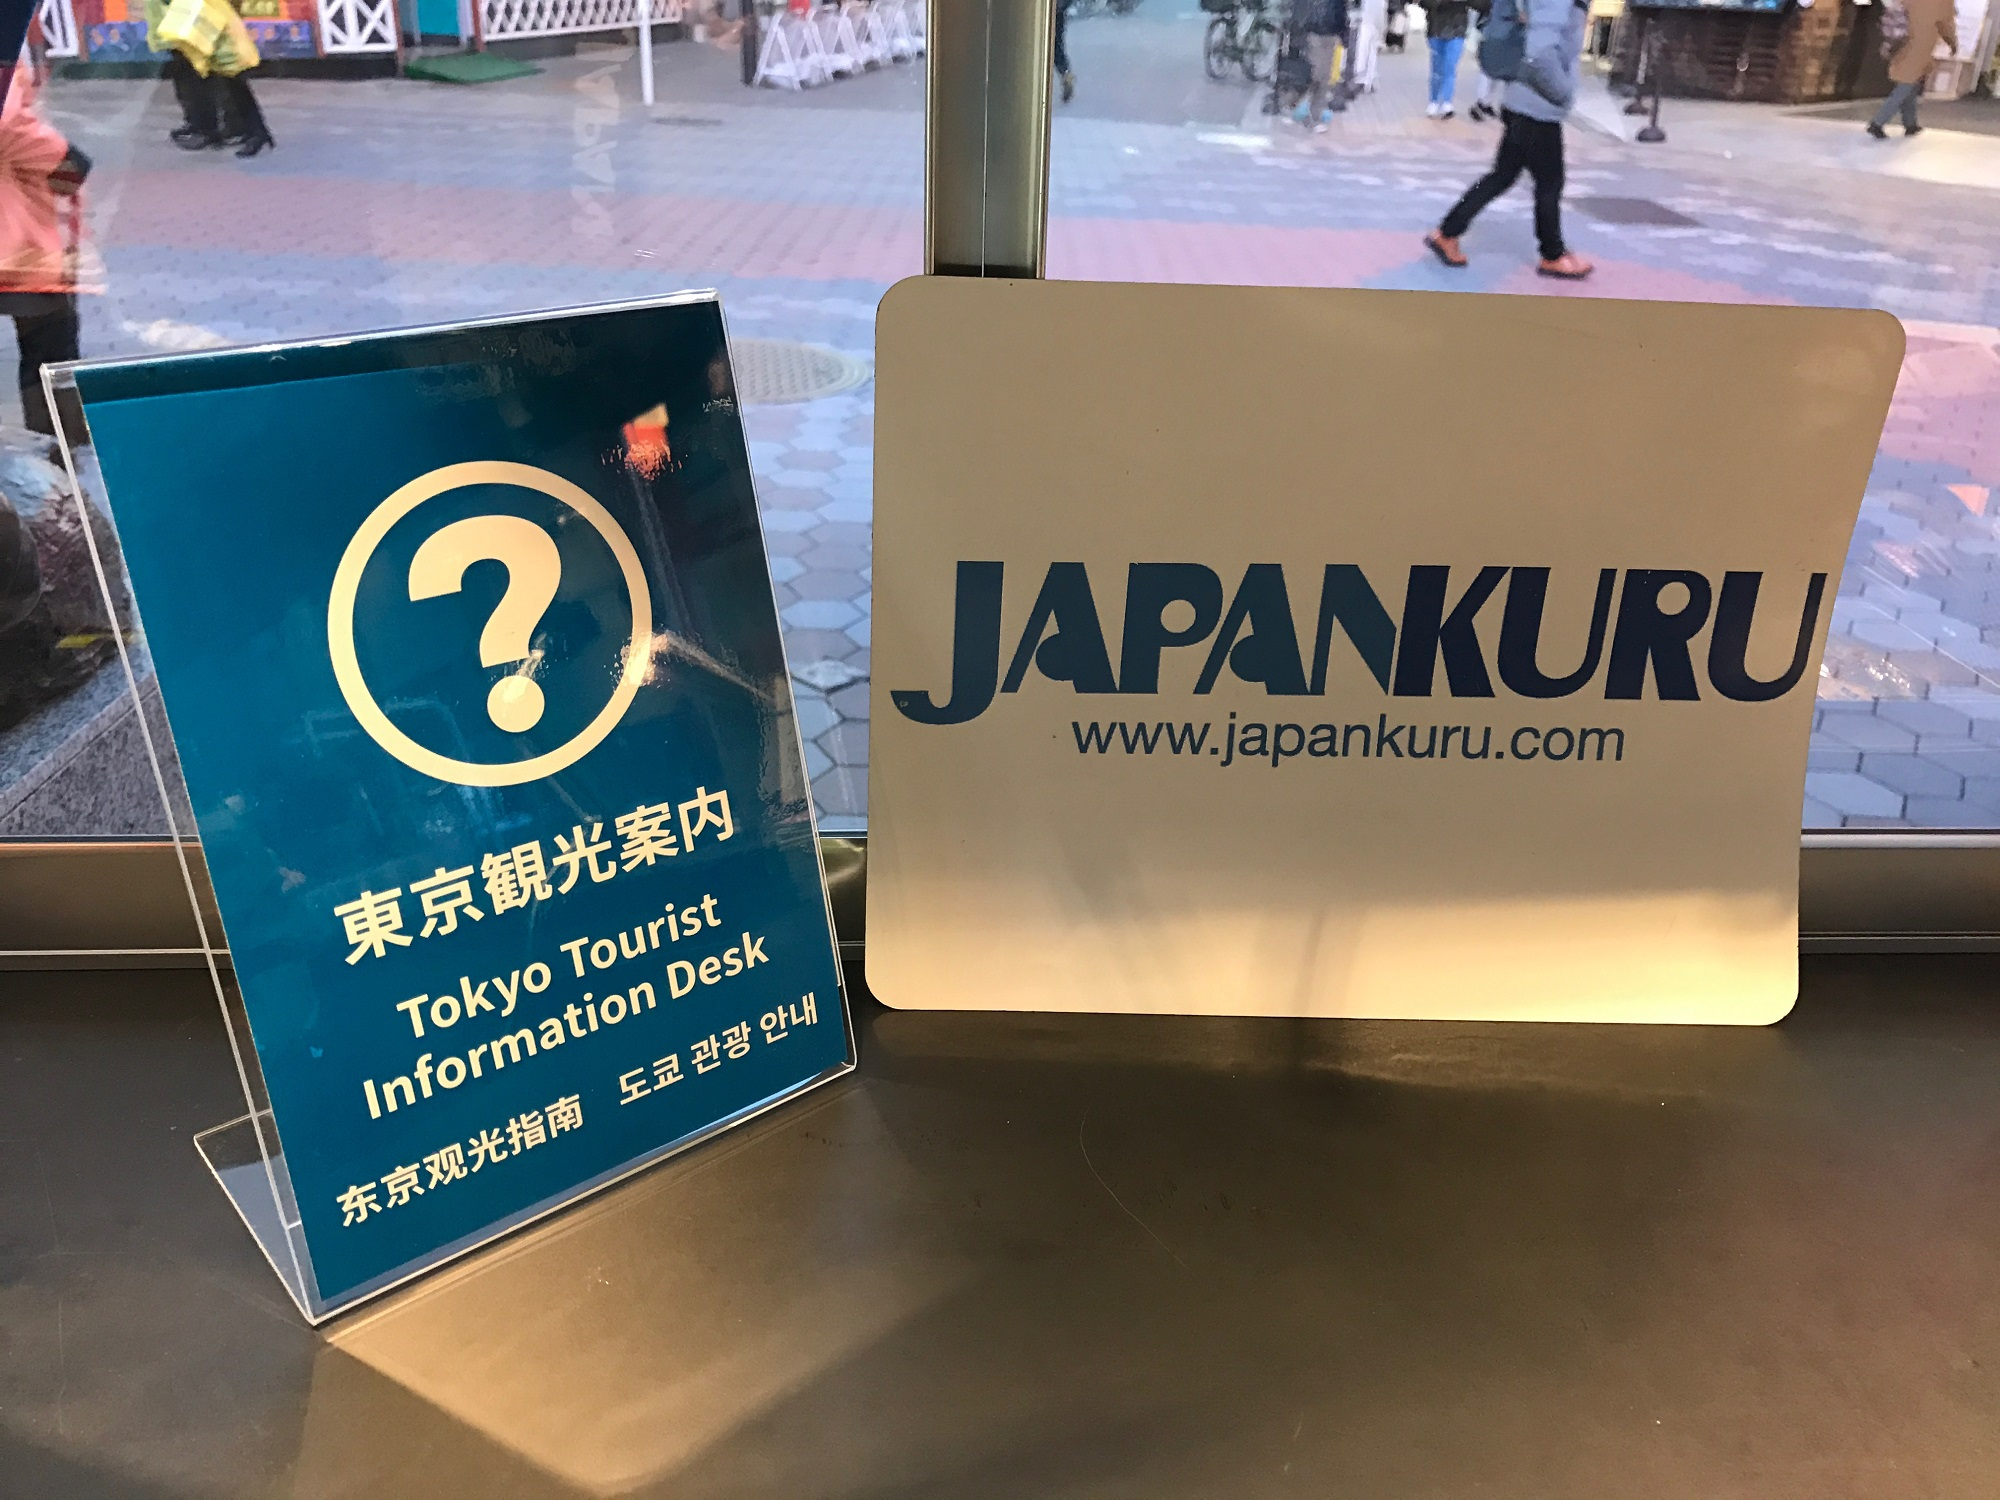 公式ロゴとJK